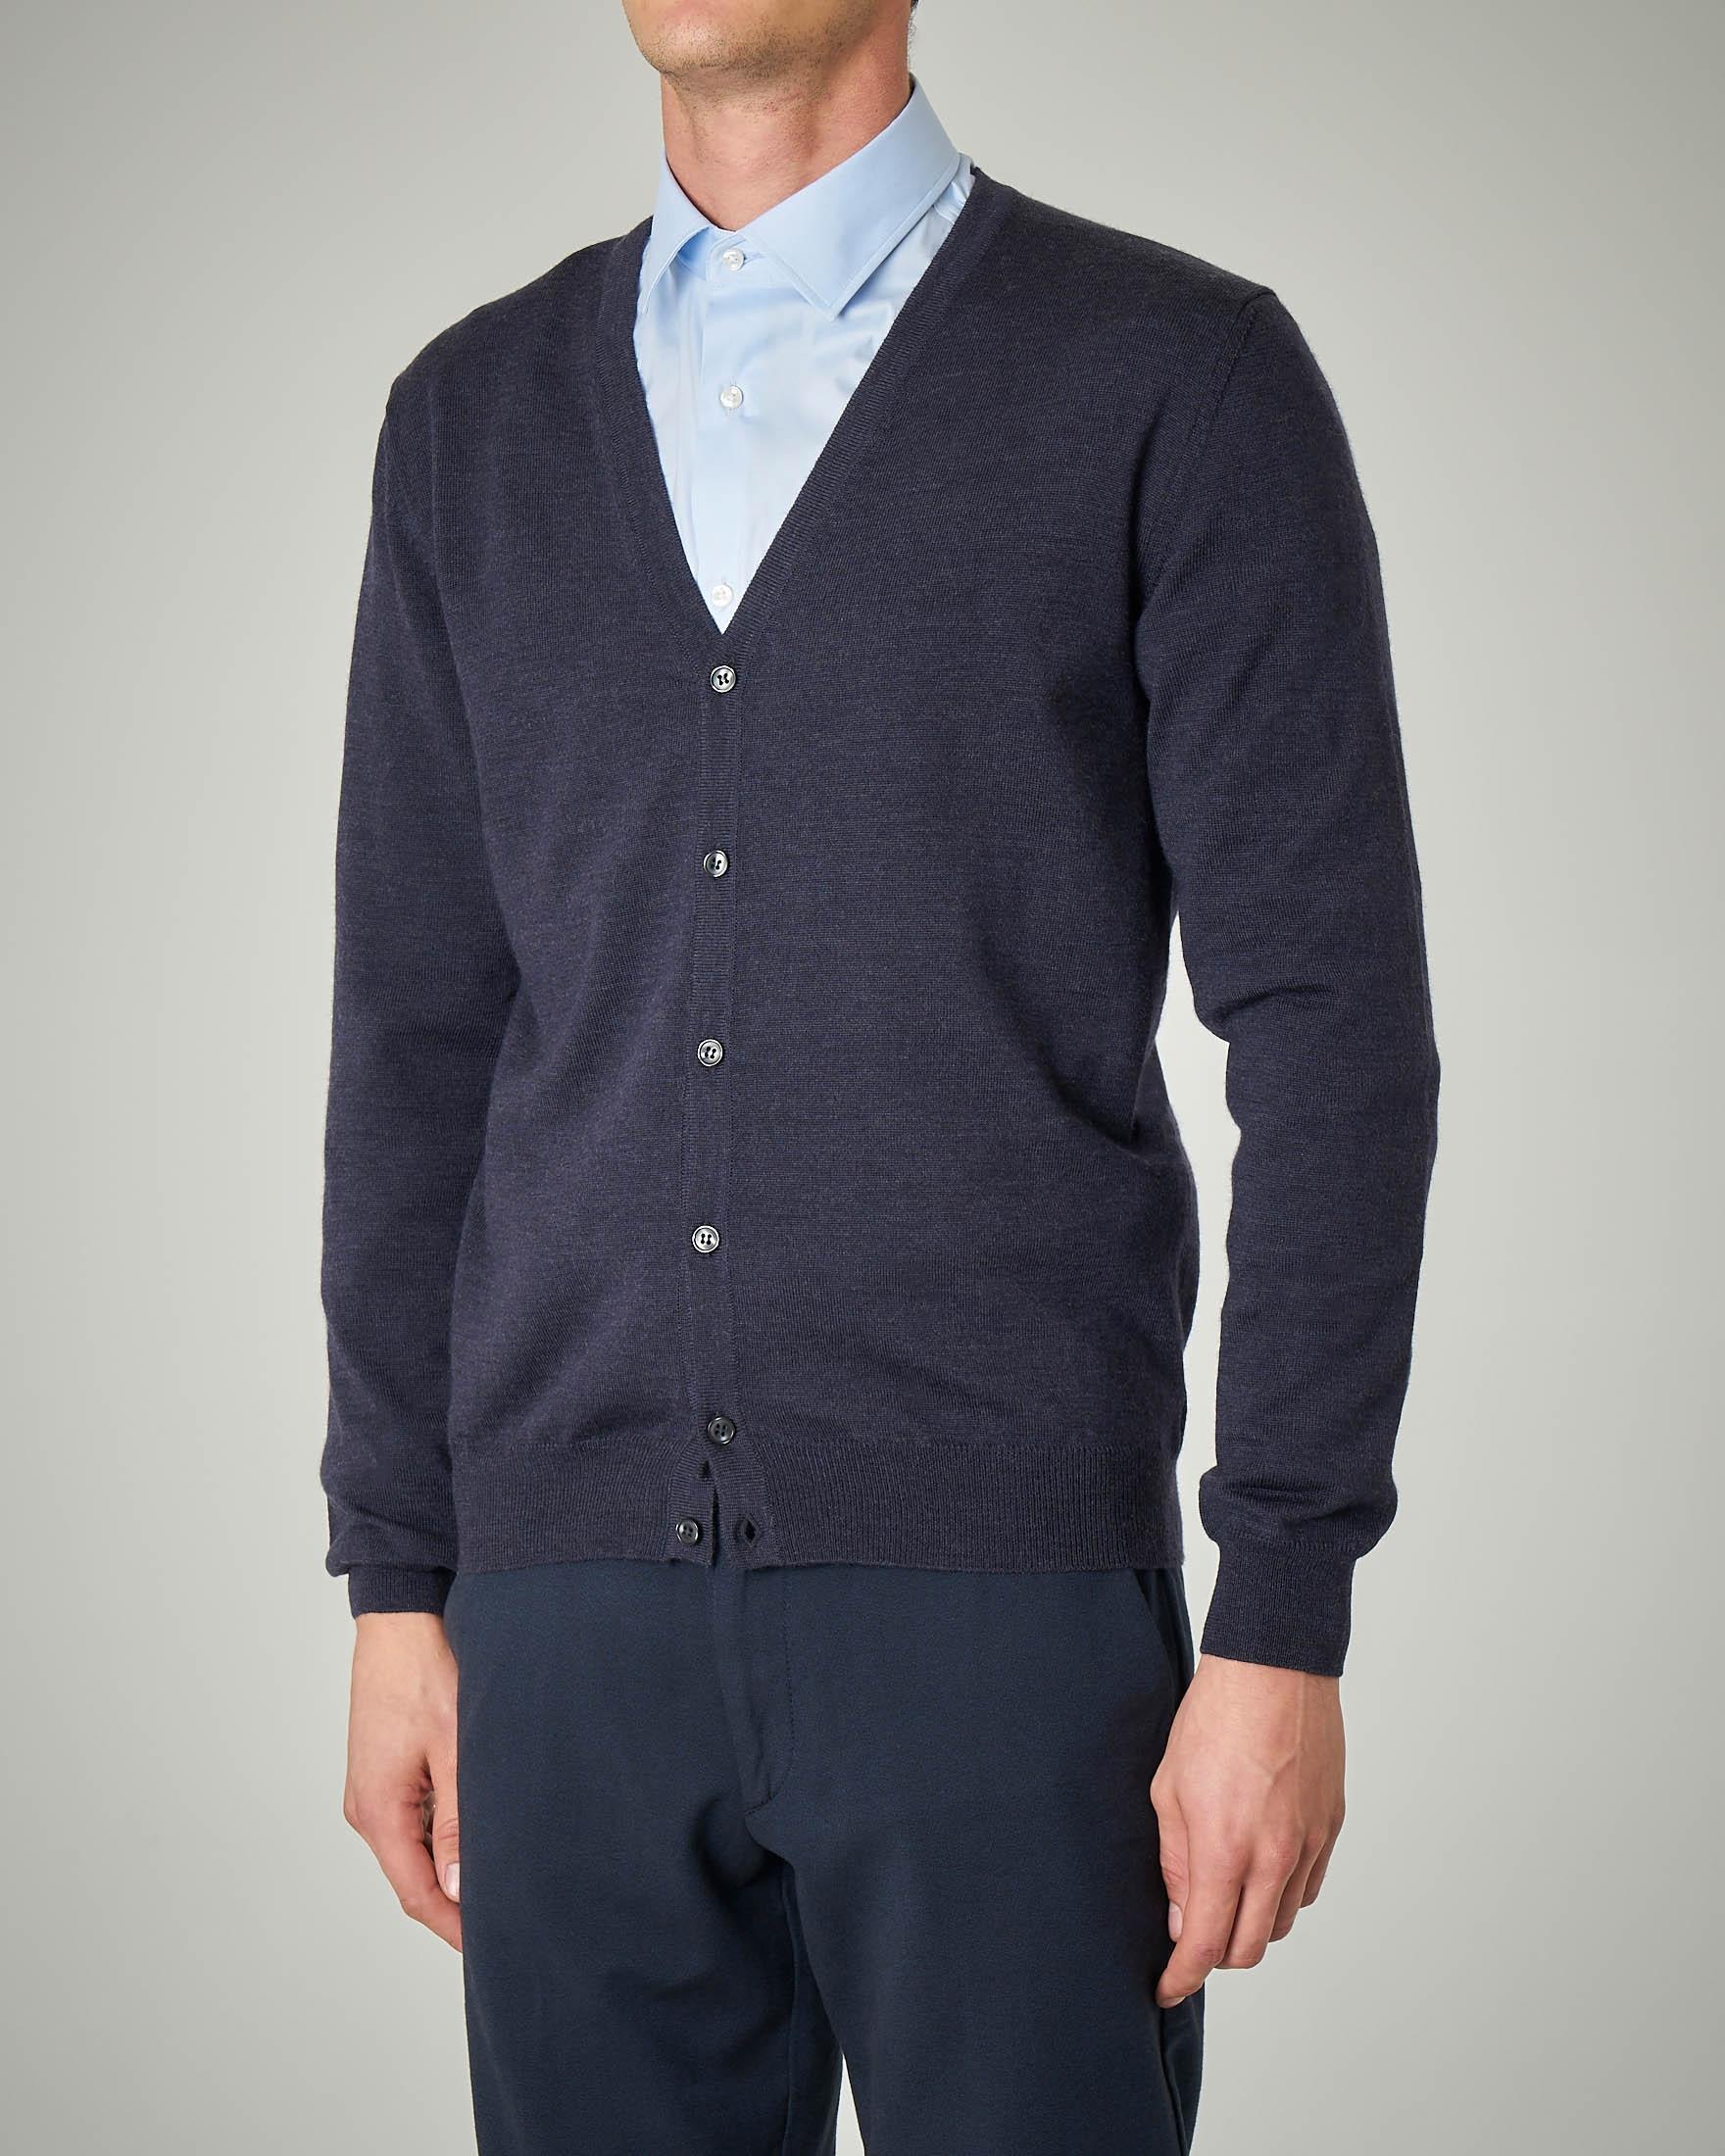 Cardigan blu melange in lana merino